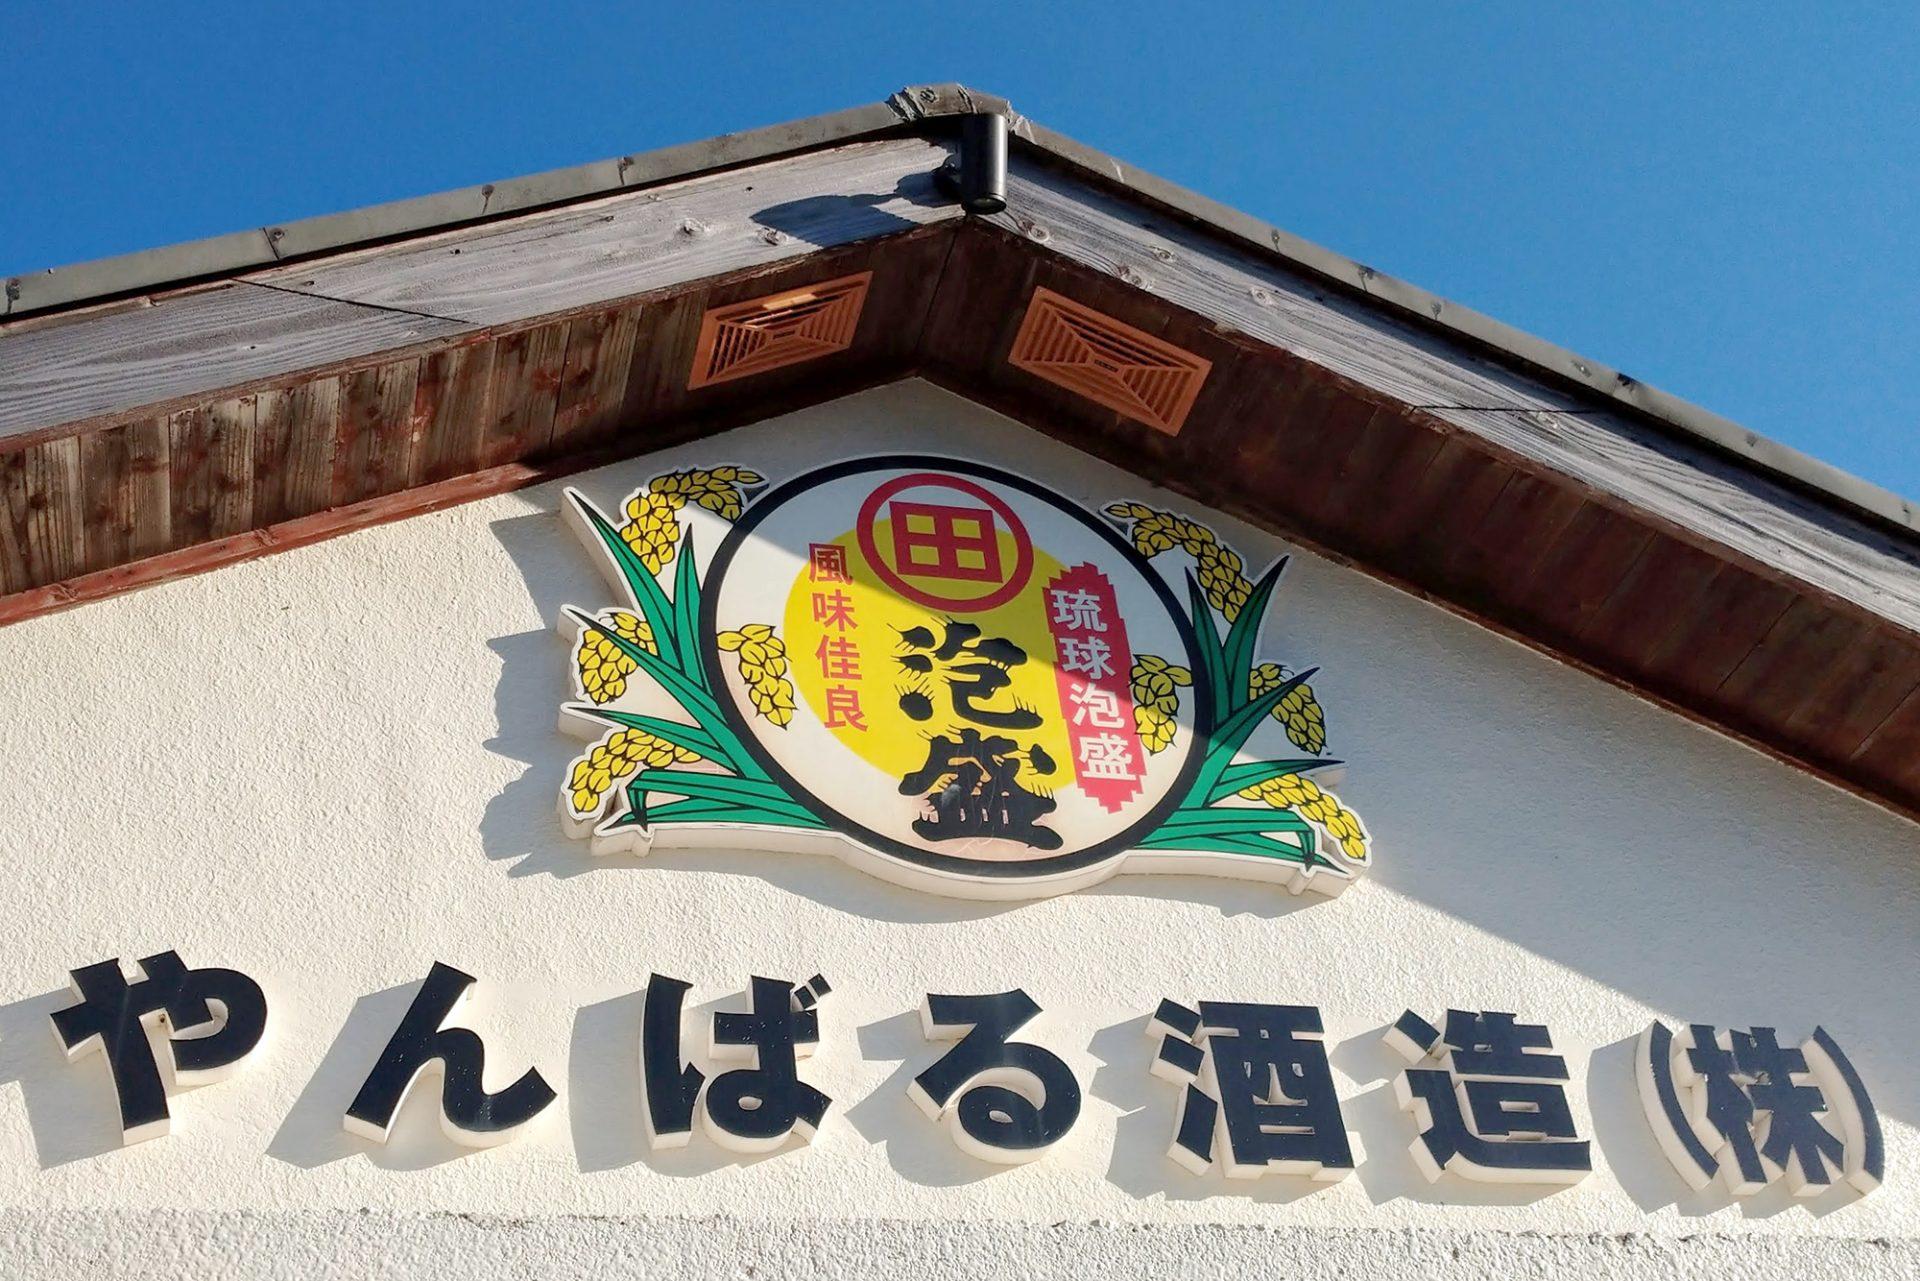 直營商店全新開幕!探訪沖繩本島最北端的「山原酒造」